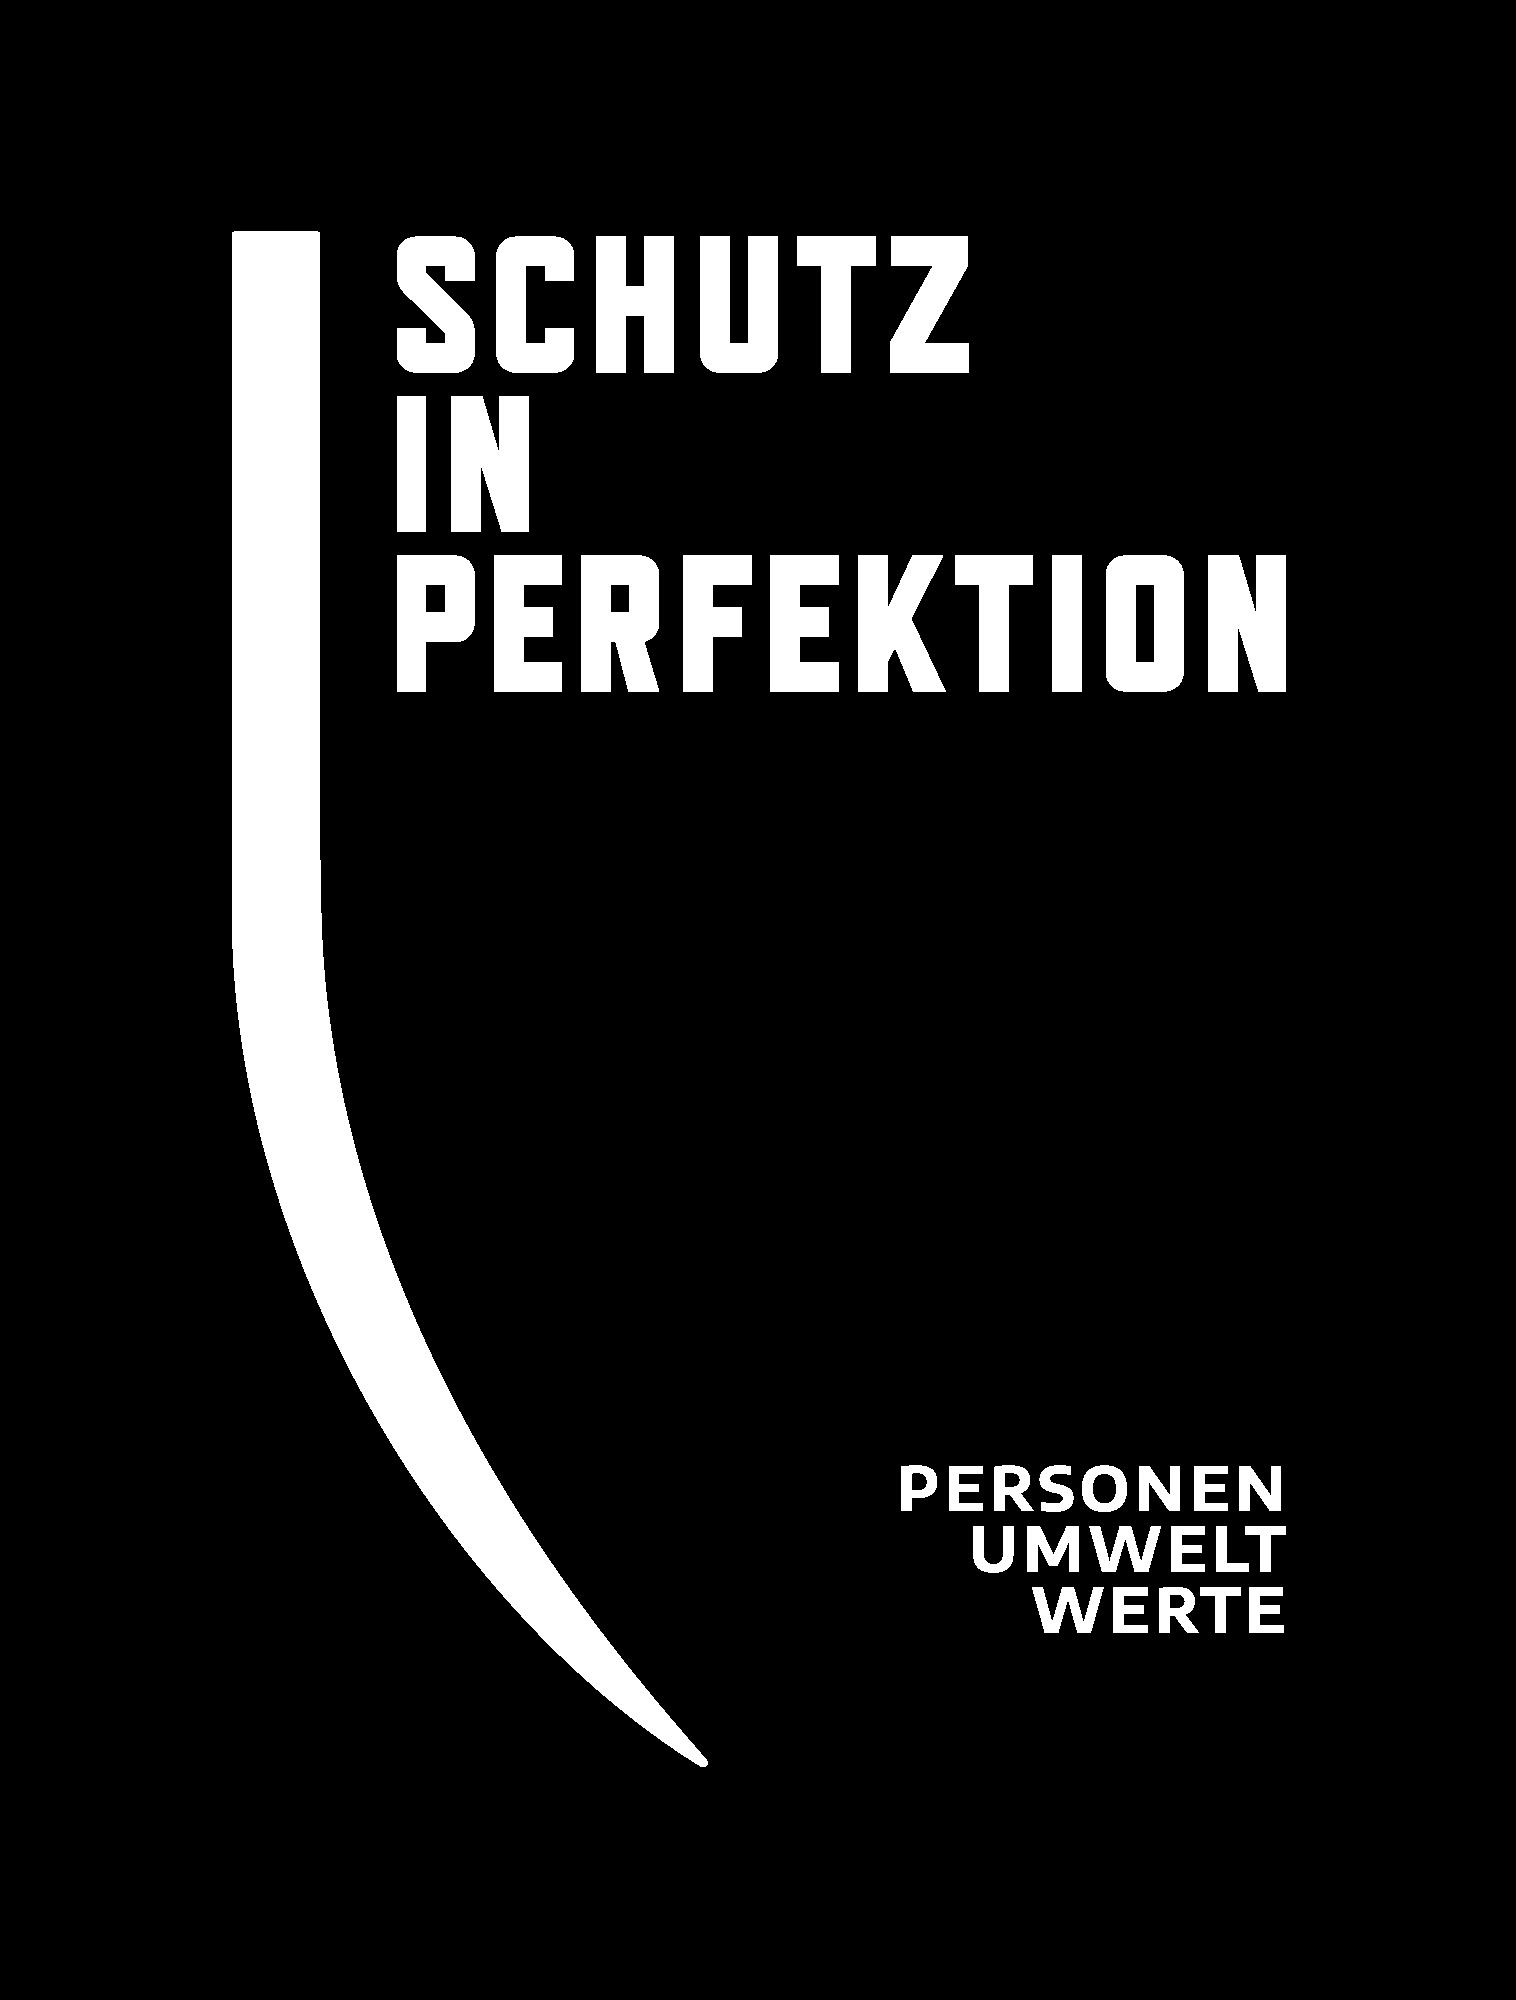 Schutz in Perfektion